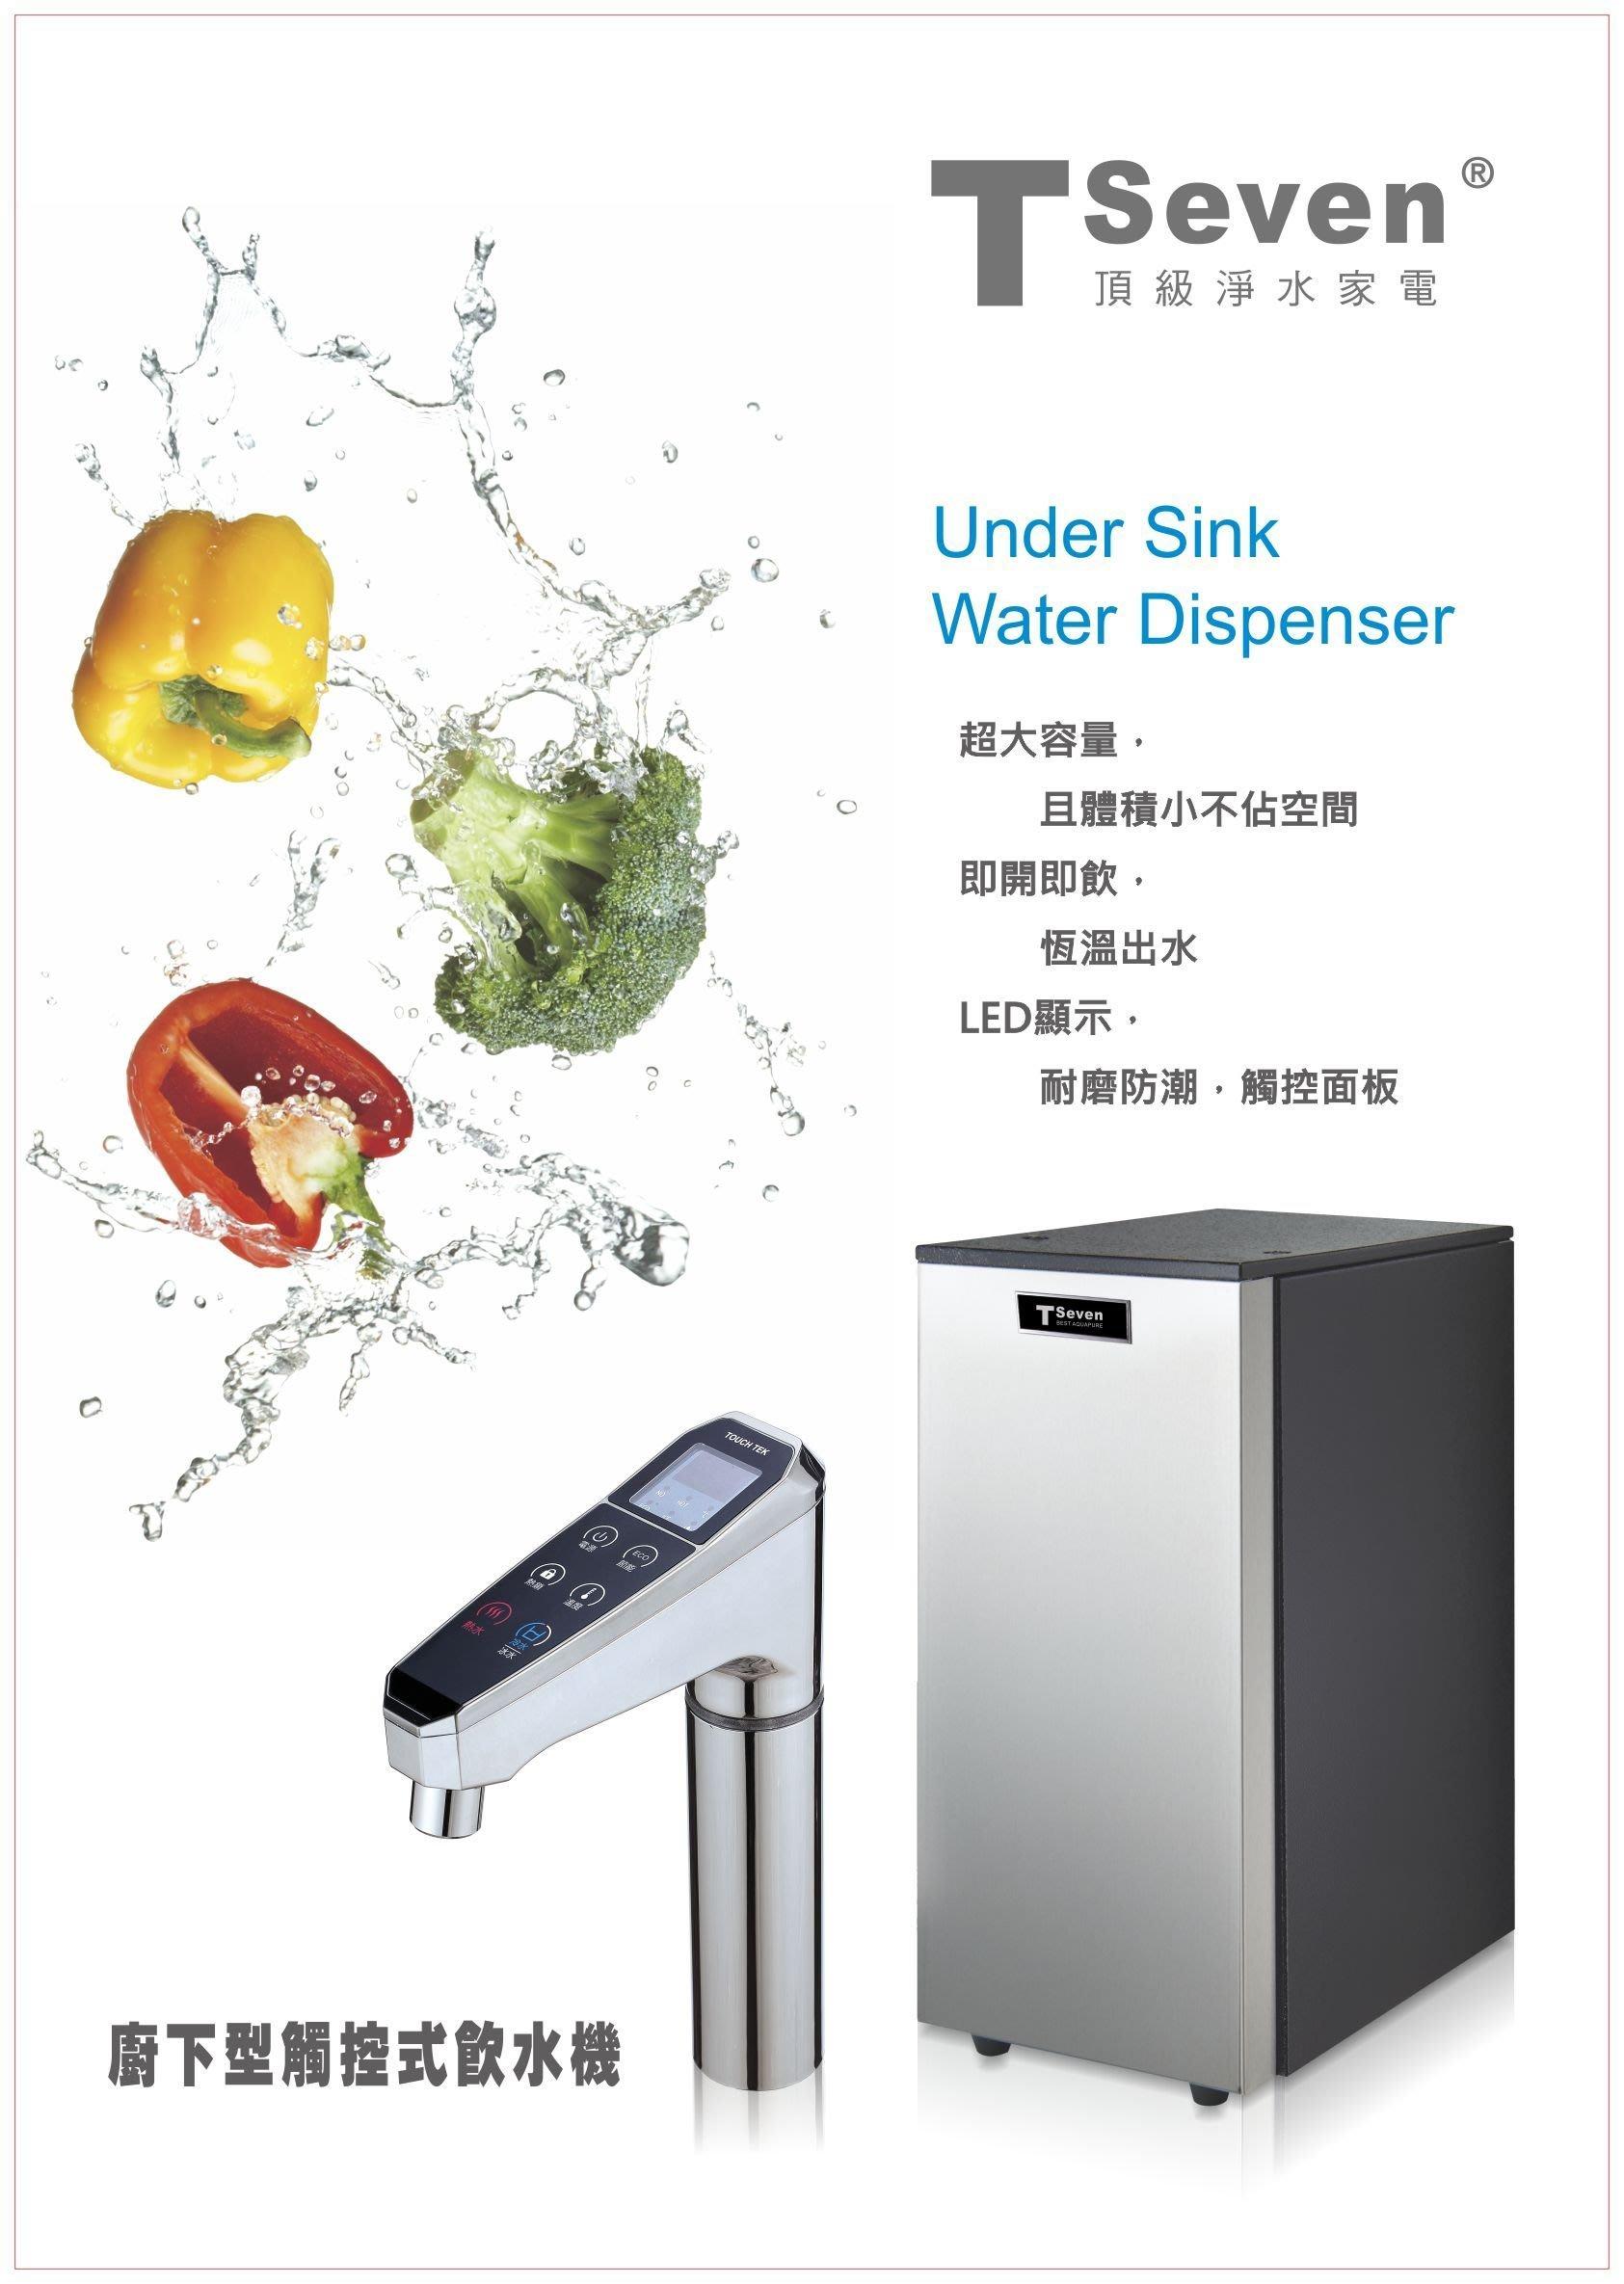 安心淨水 廚下型 加熱器 HS-58 櫥下型 冷熱雙溫 智能型 飲水機  含 RO或 愛惠浦淨水器